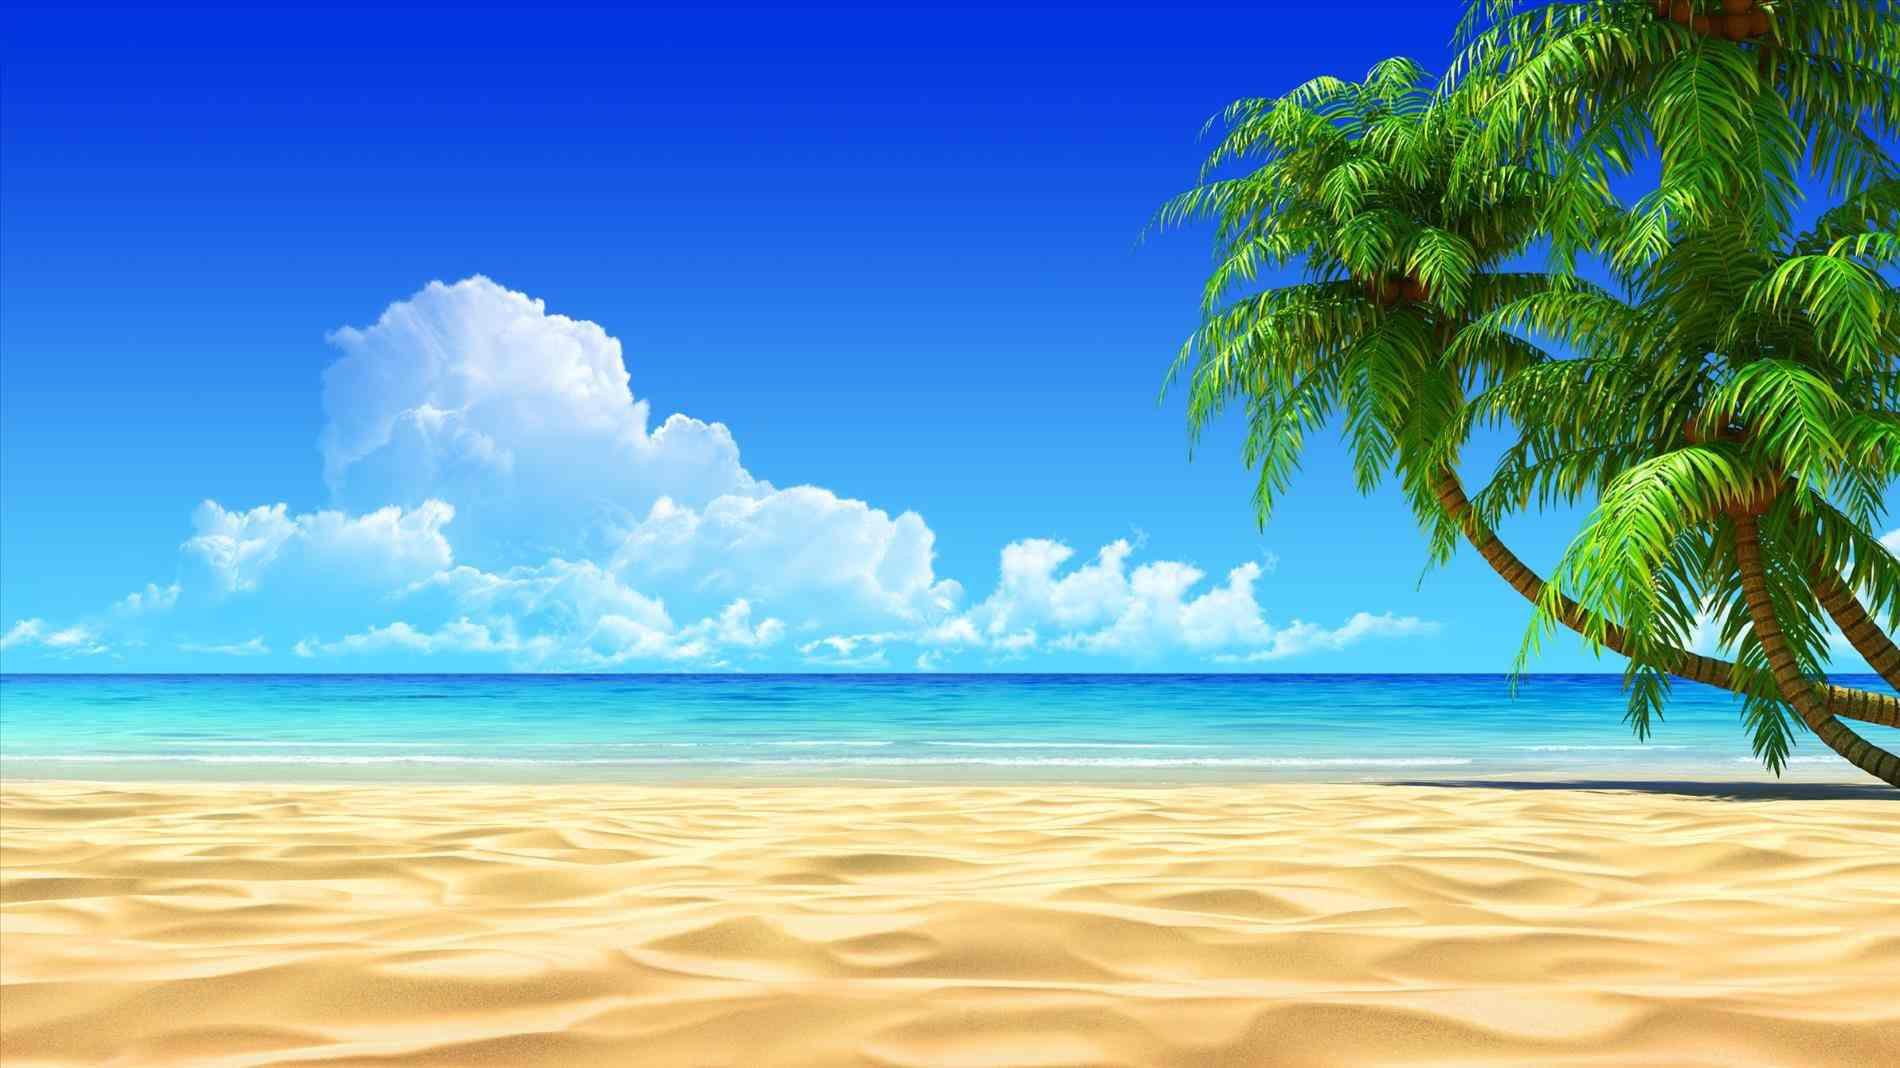 Beach clipart sandy beach. Island pencil and in